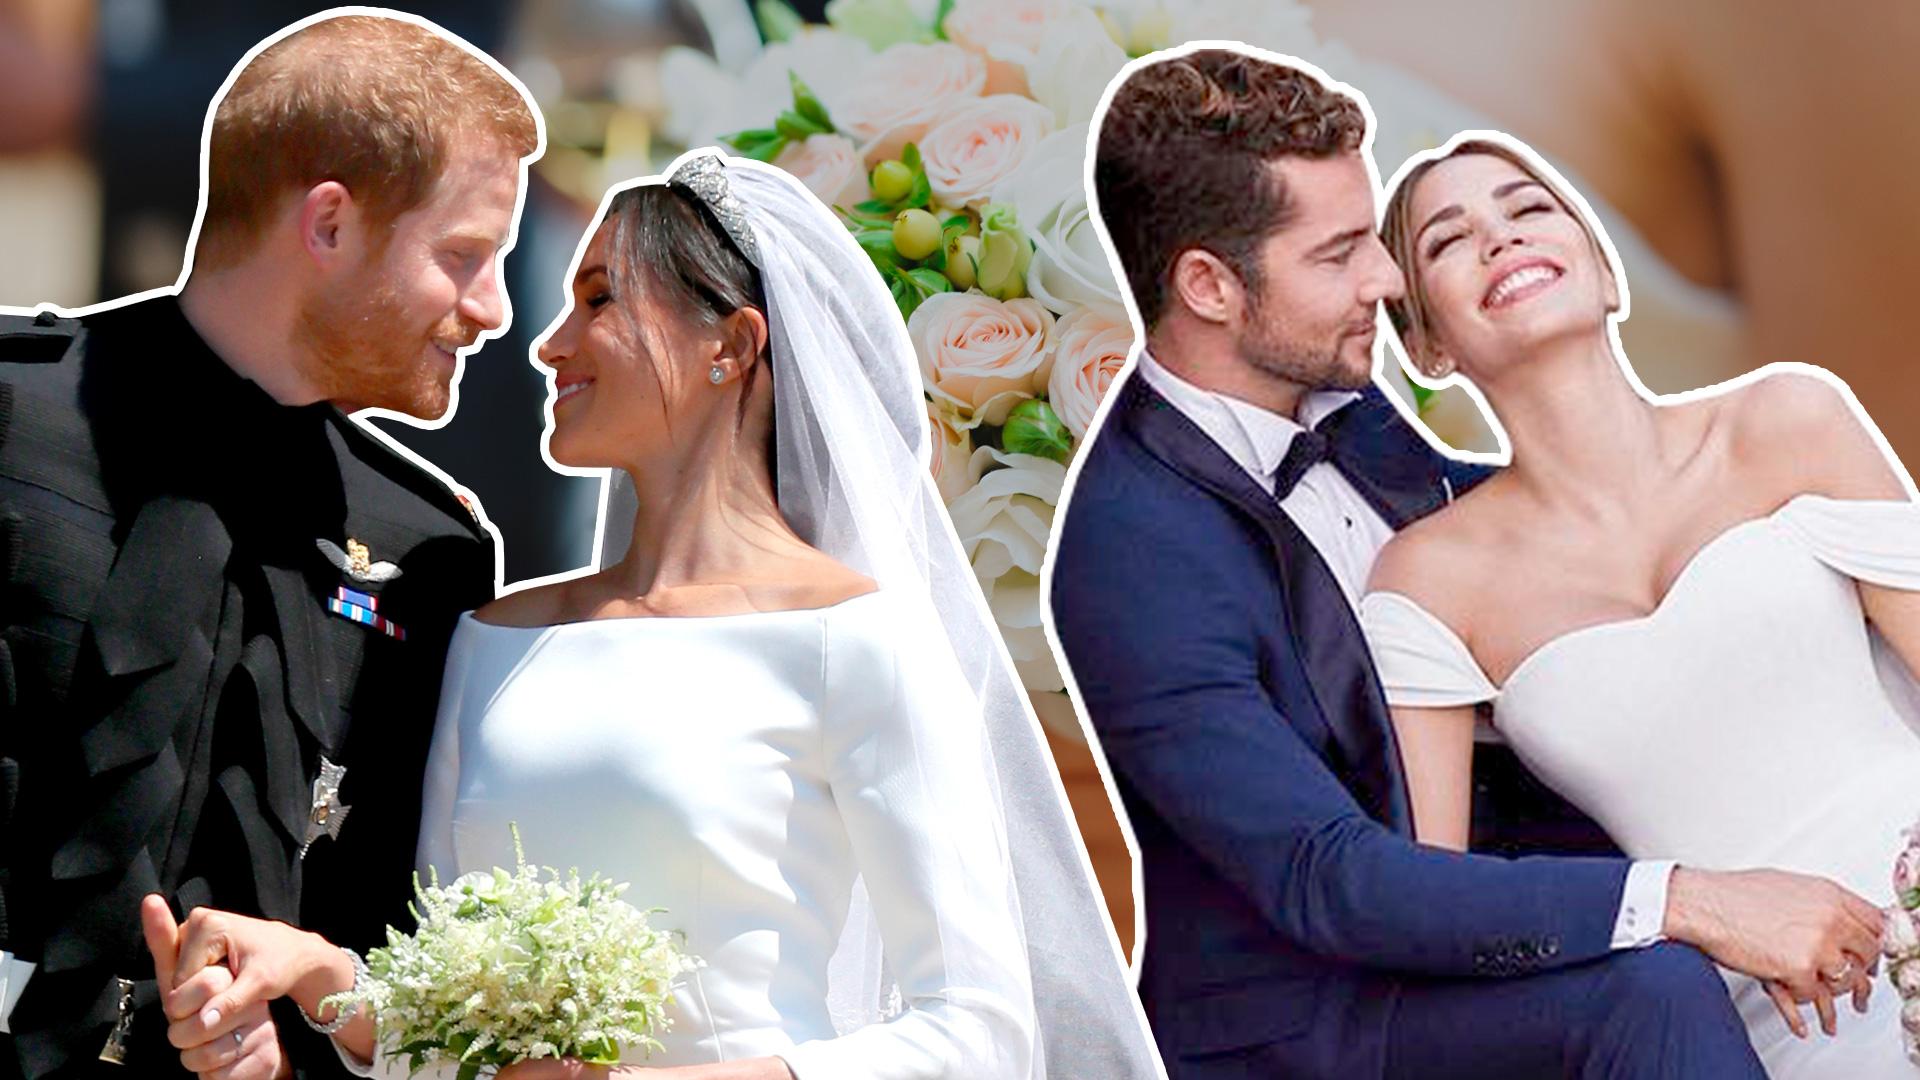 Estos 13 famosos se casaron en 2018: las bodas que dieron que hablar (aunque algunas no las vimos)